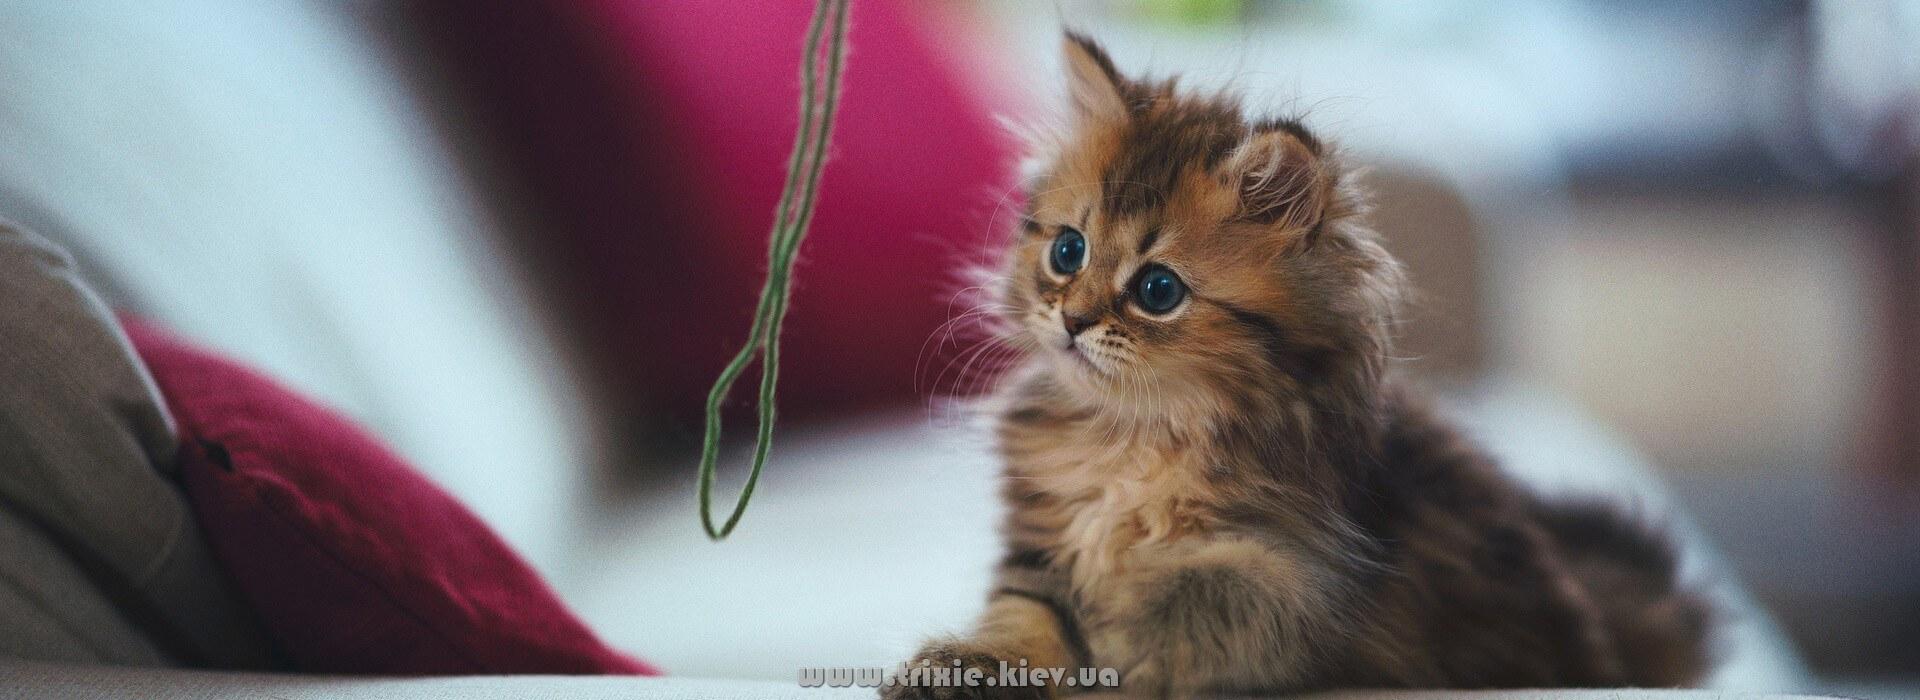 Лучшие качественные изделия для кошек торговой марки Трикси в Киеве